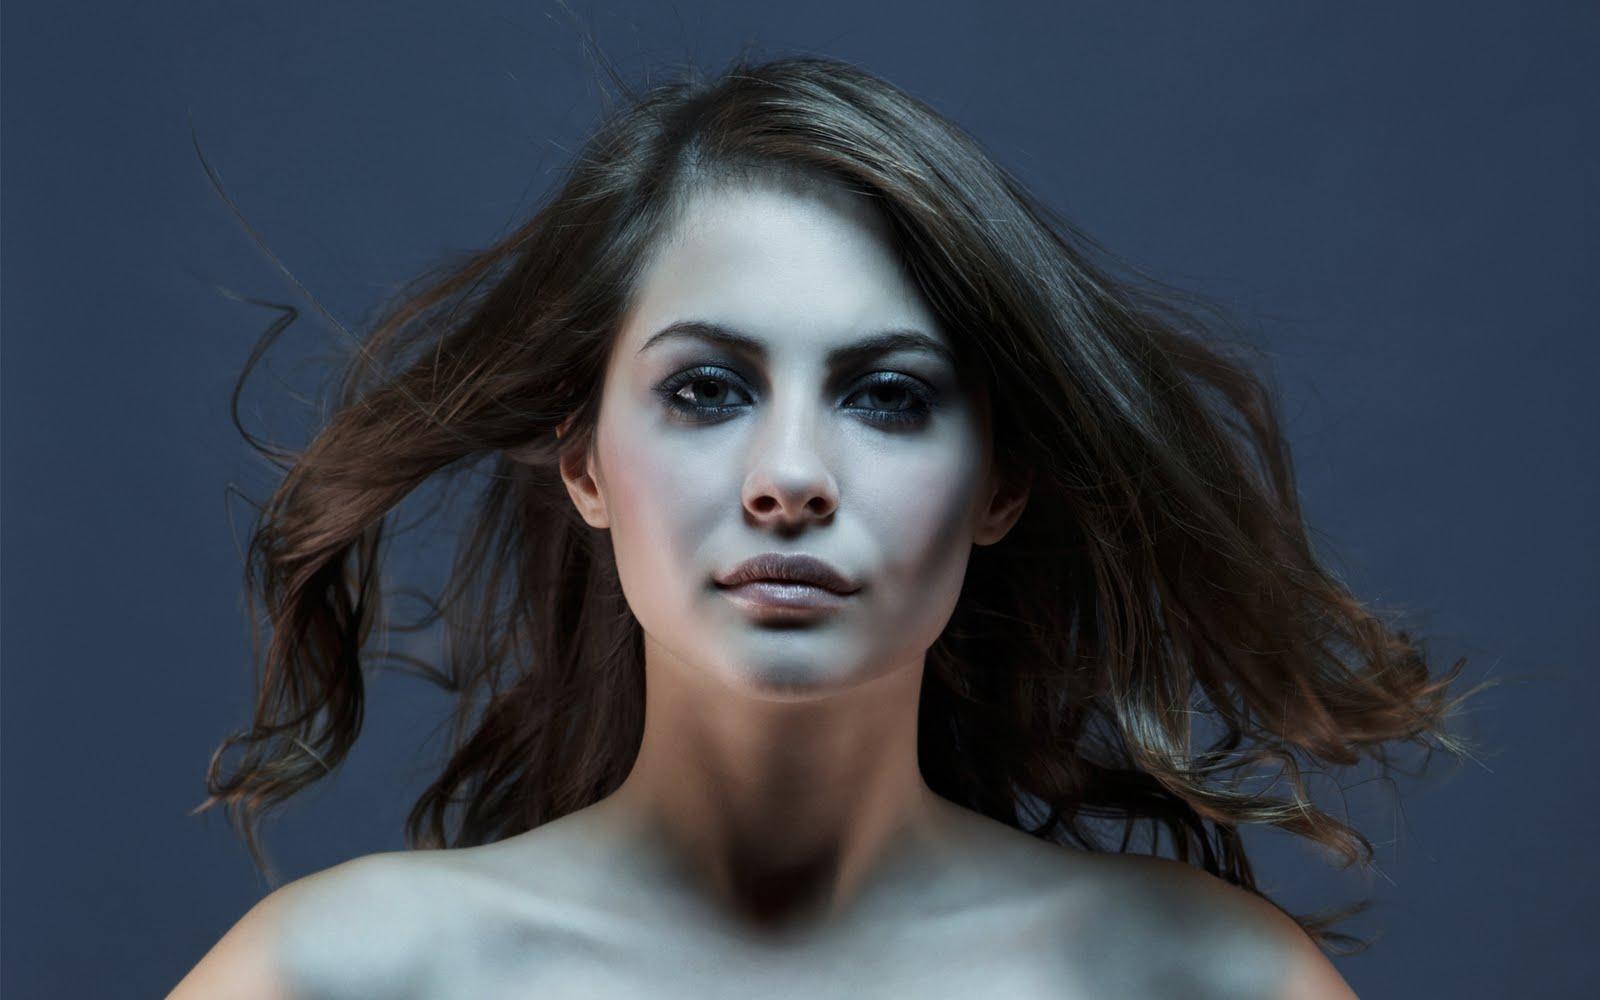 TheFappening : Natasha Wetandpuffy Nude Leaked